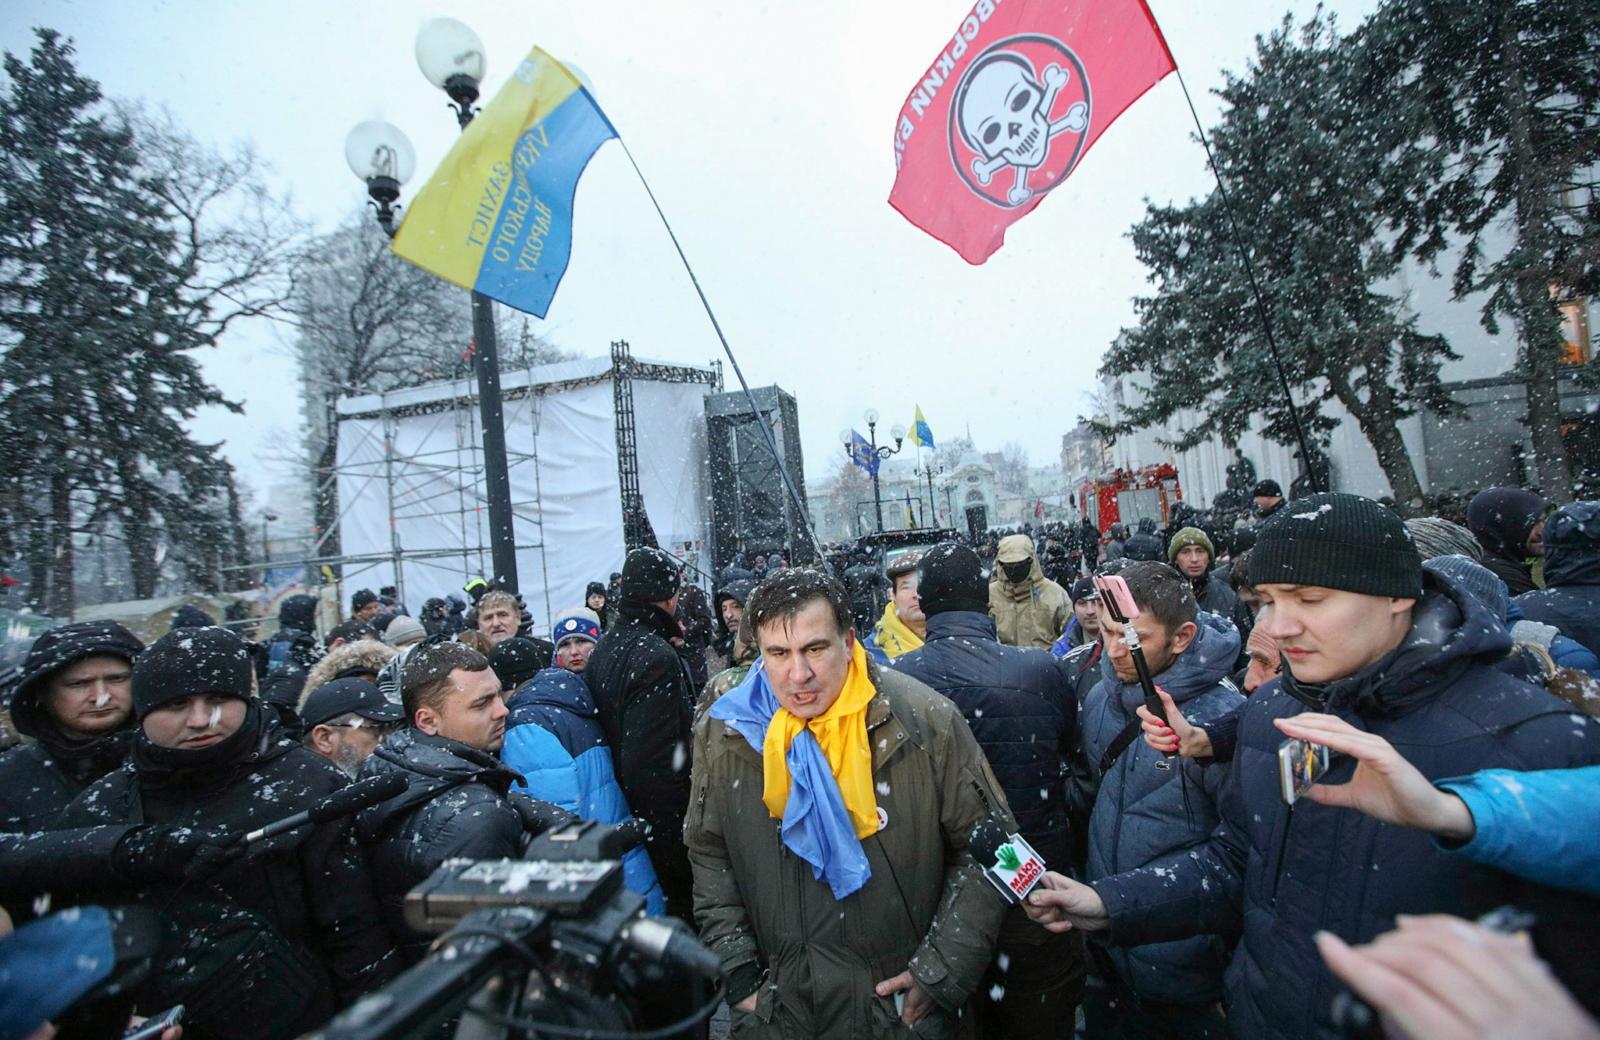 Saakashvili in court, in Kiev protests (photo) 49